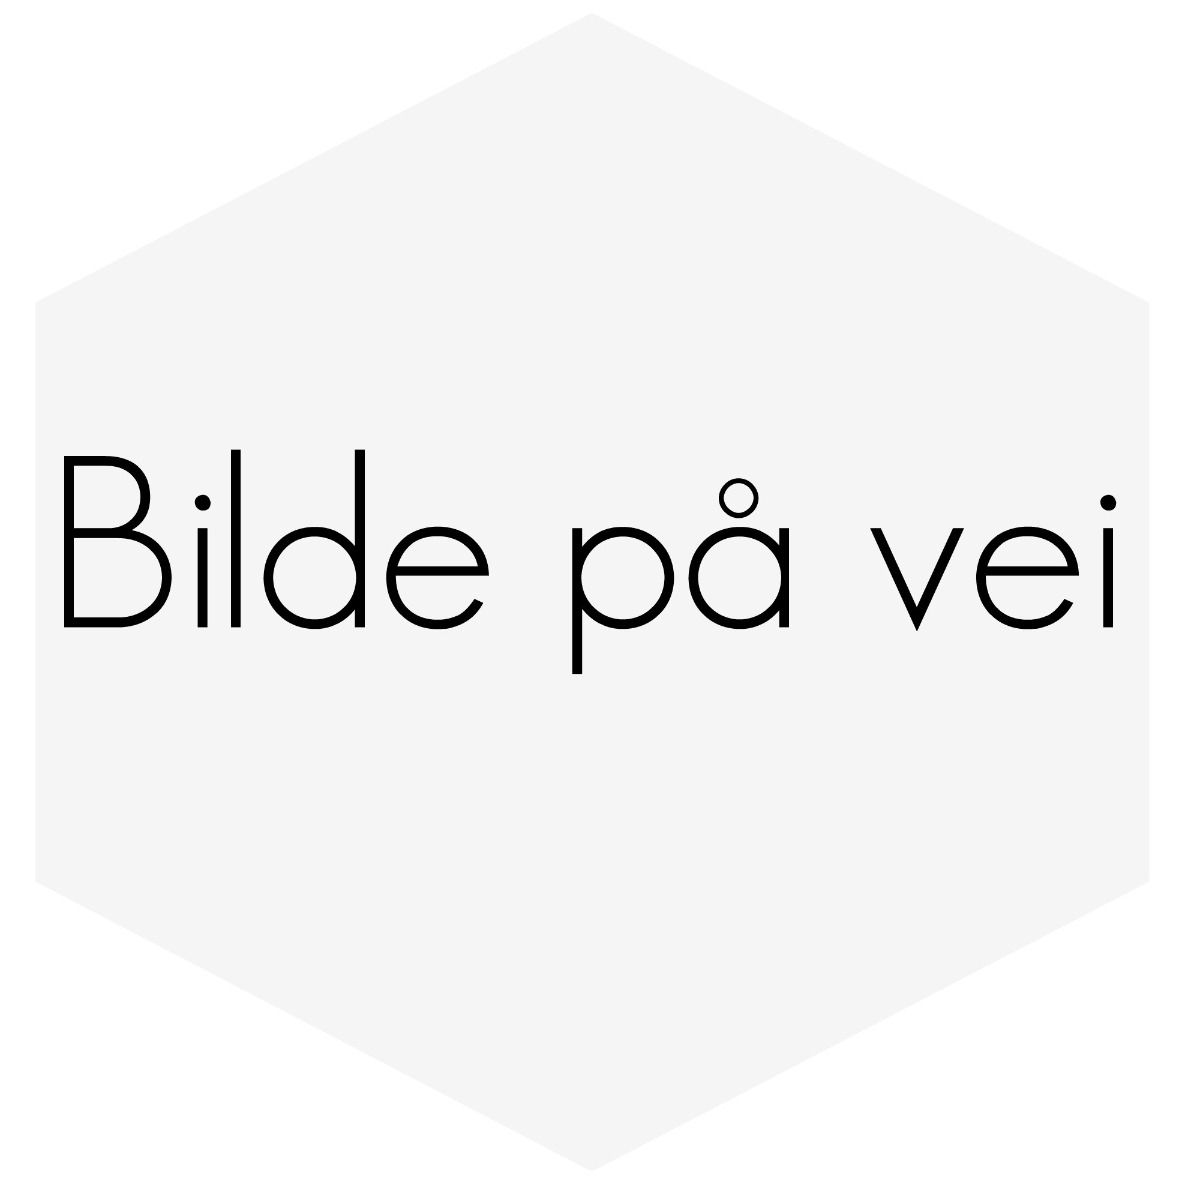 BAKSKJØRT/LEPPE XC60 TIL BRUK MED 4RØRS UTBLÅSNING EKSOS